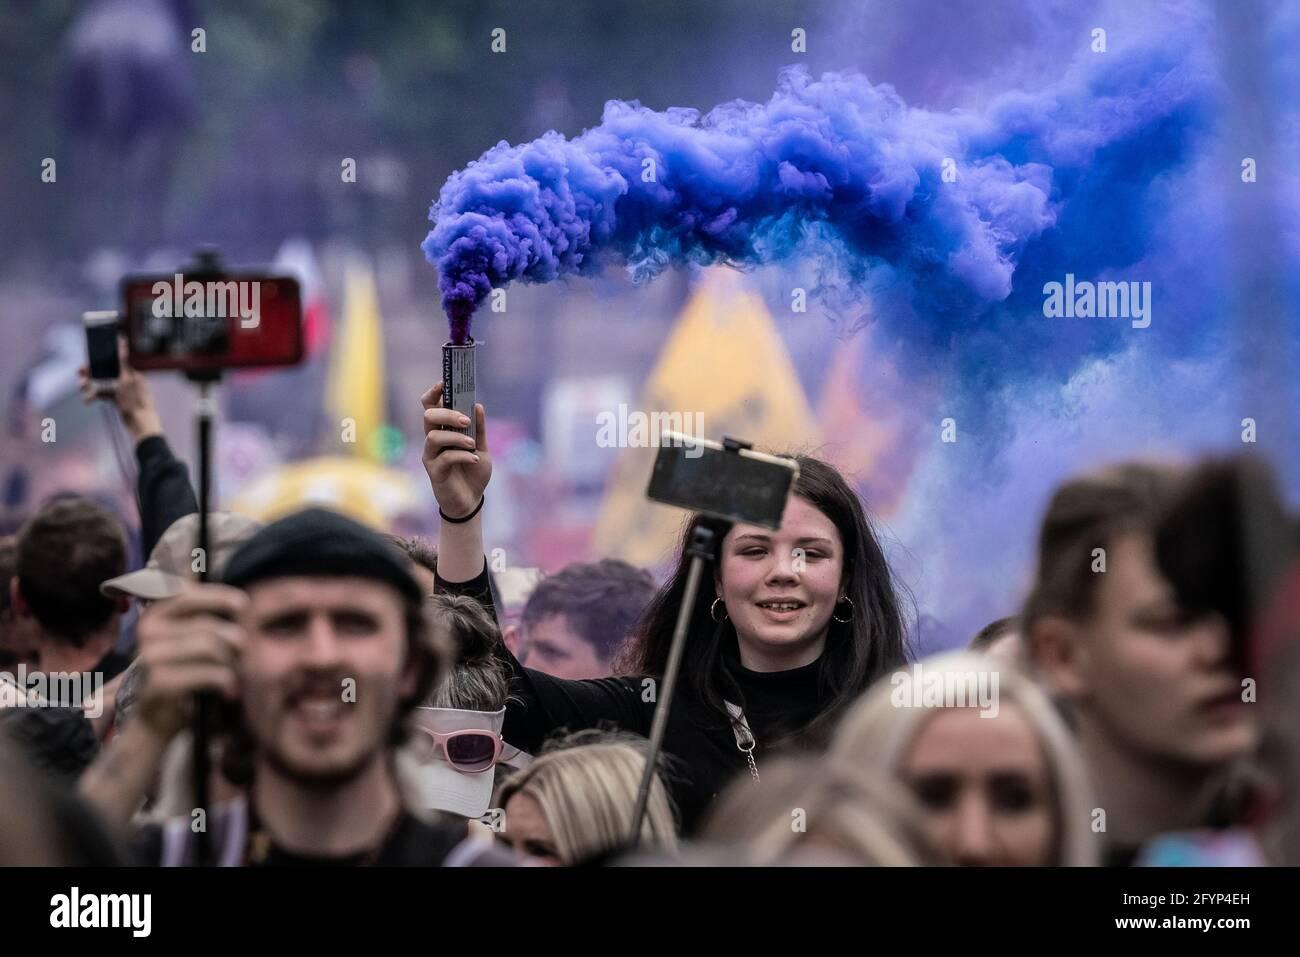 Londres, Royaume-Uni. 29 mai 2021. Tuez la protestation contre le projet de loi : des milliers de manifestants issus de diverses organisations militantes défilent jusqu'à Westminster pour manifester contre un projet de loi de police qui pourrait voir l'introduction d'un projet de loi sur le crime imposant de sévères restrictions au droit de manifester. Credit: Guy Corbishley/Alamy Live News Banque D'Images